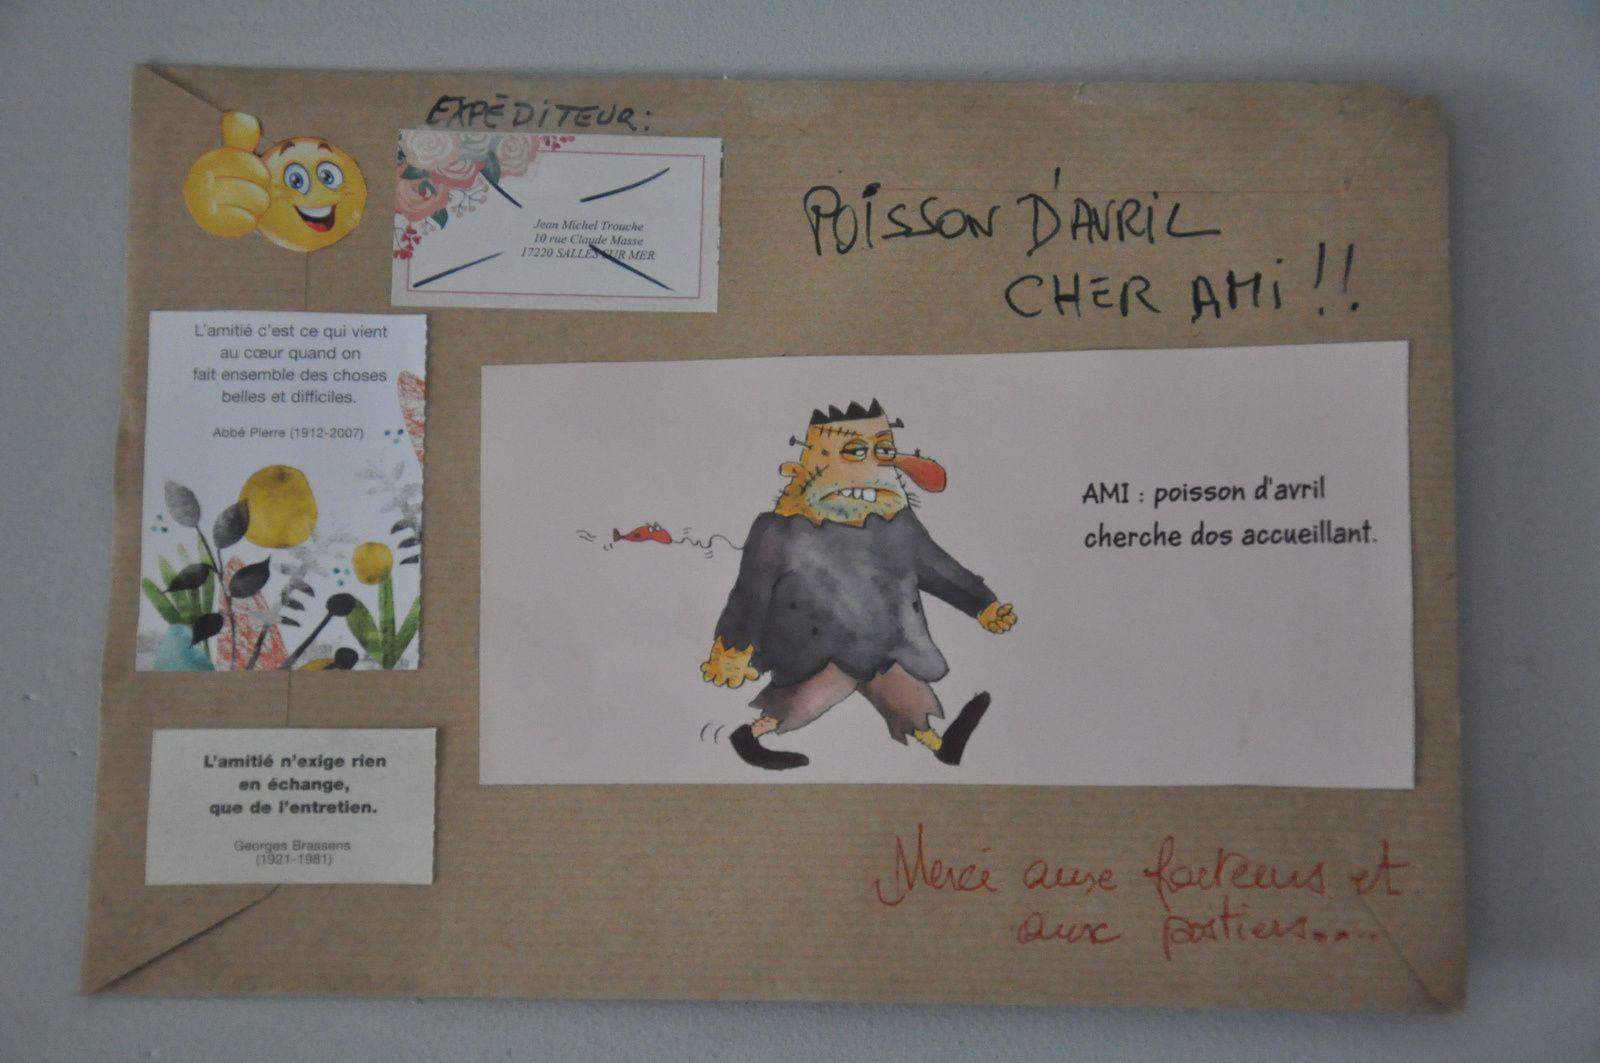 Merci beaucoup à Jean-Michel Trouche pour ses nombreux envois et son humour!!!!!!!!!